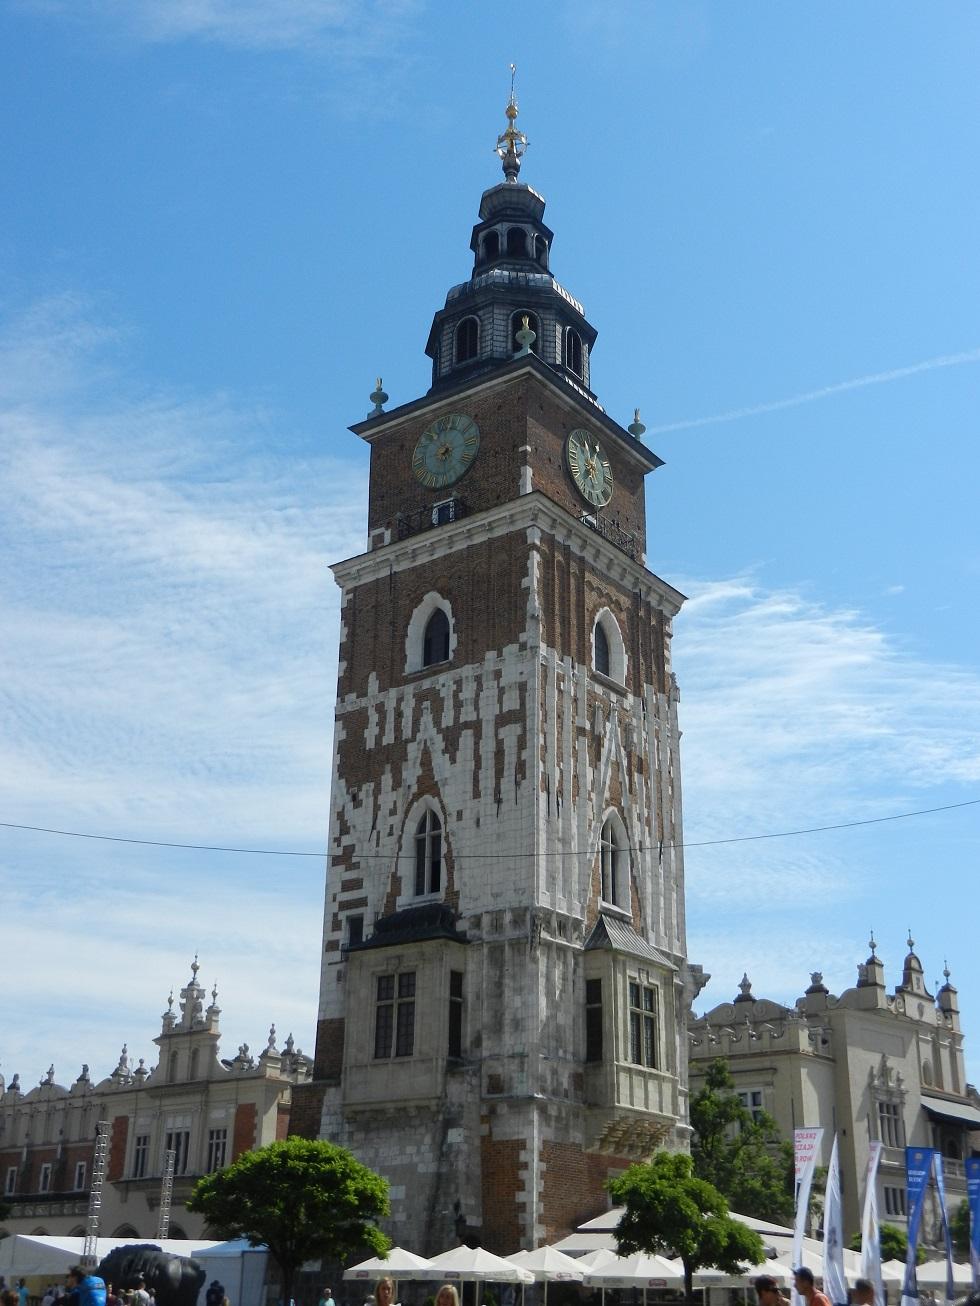 zwiedzanie wieży ratuszowej